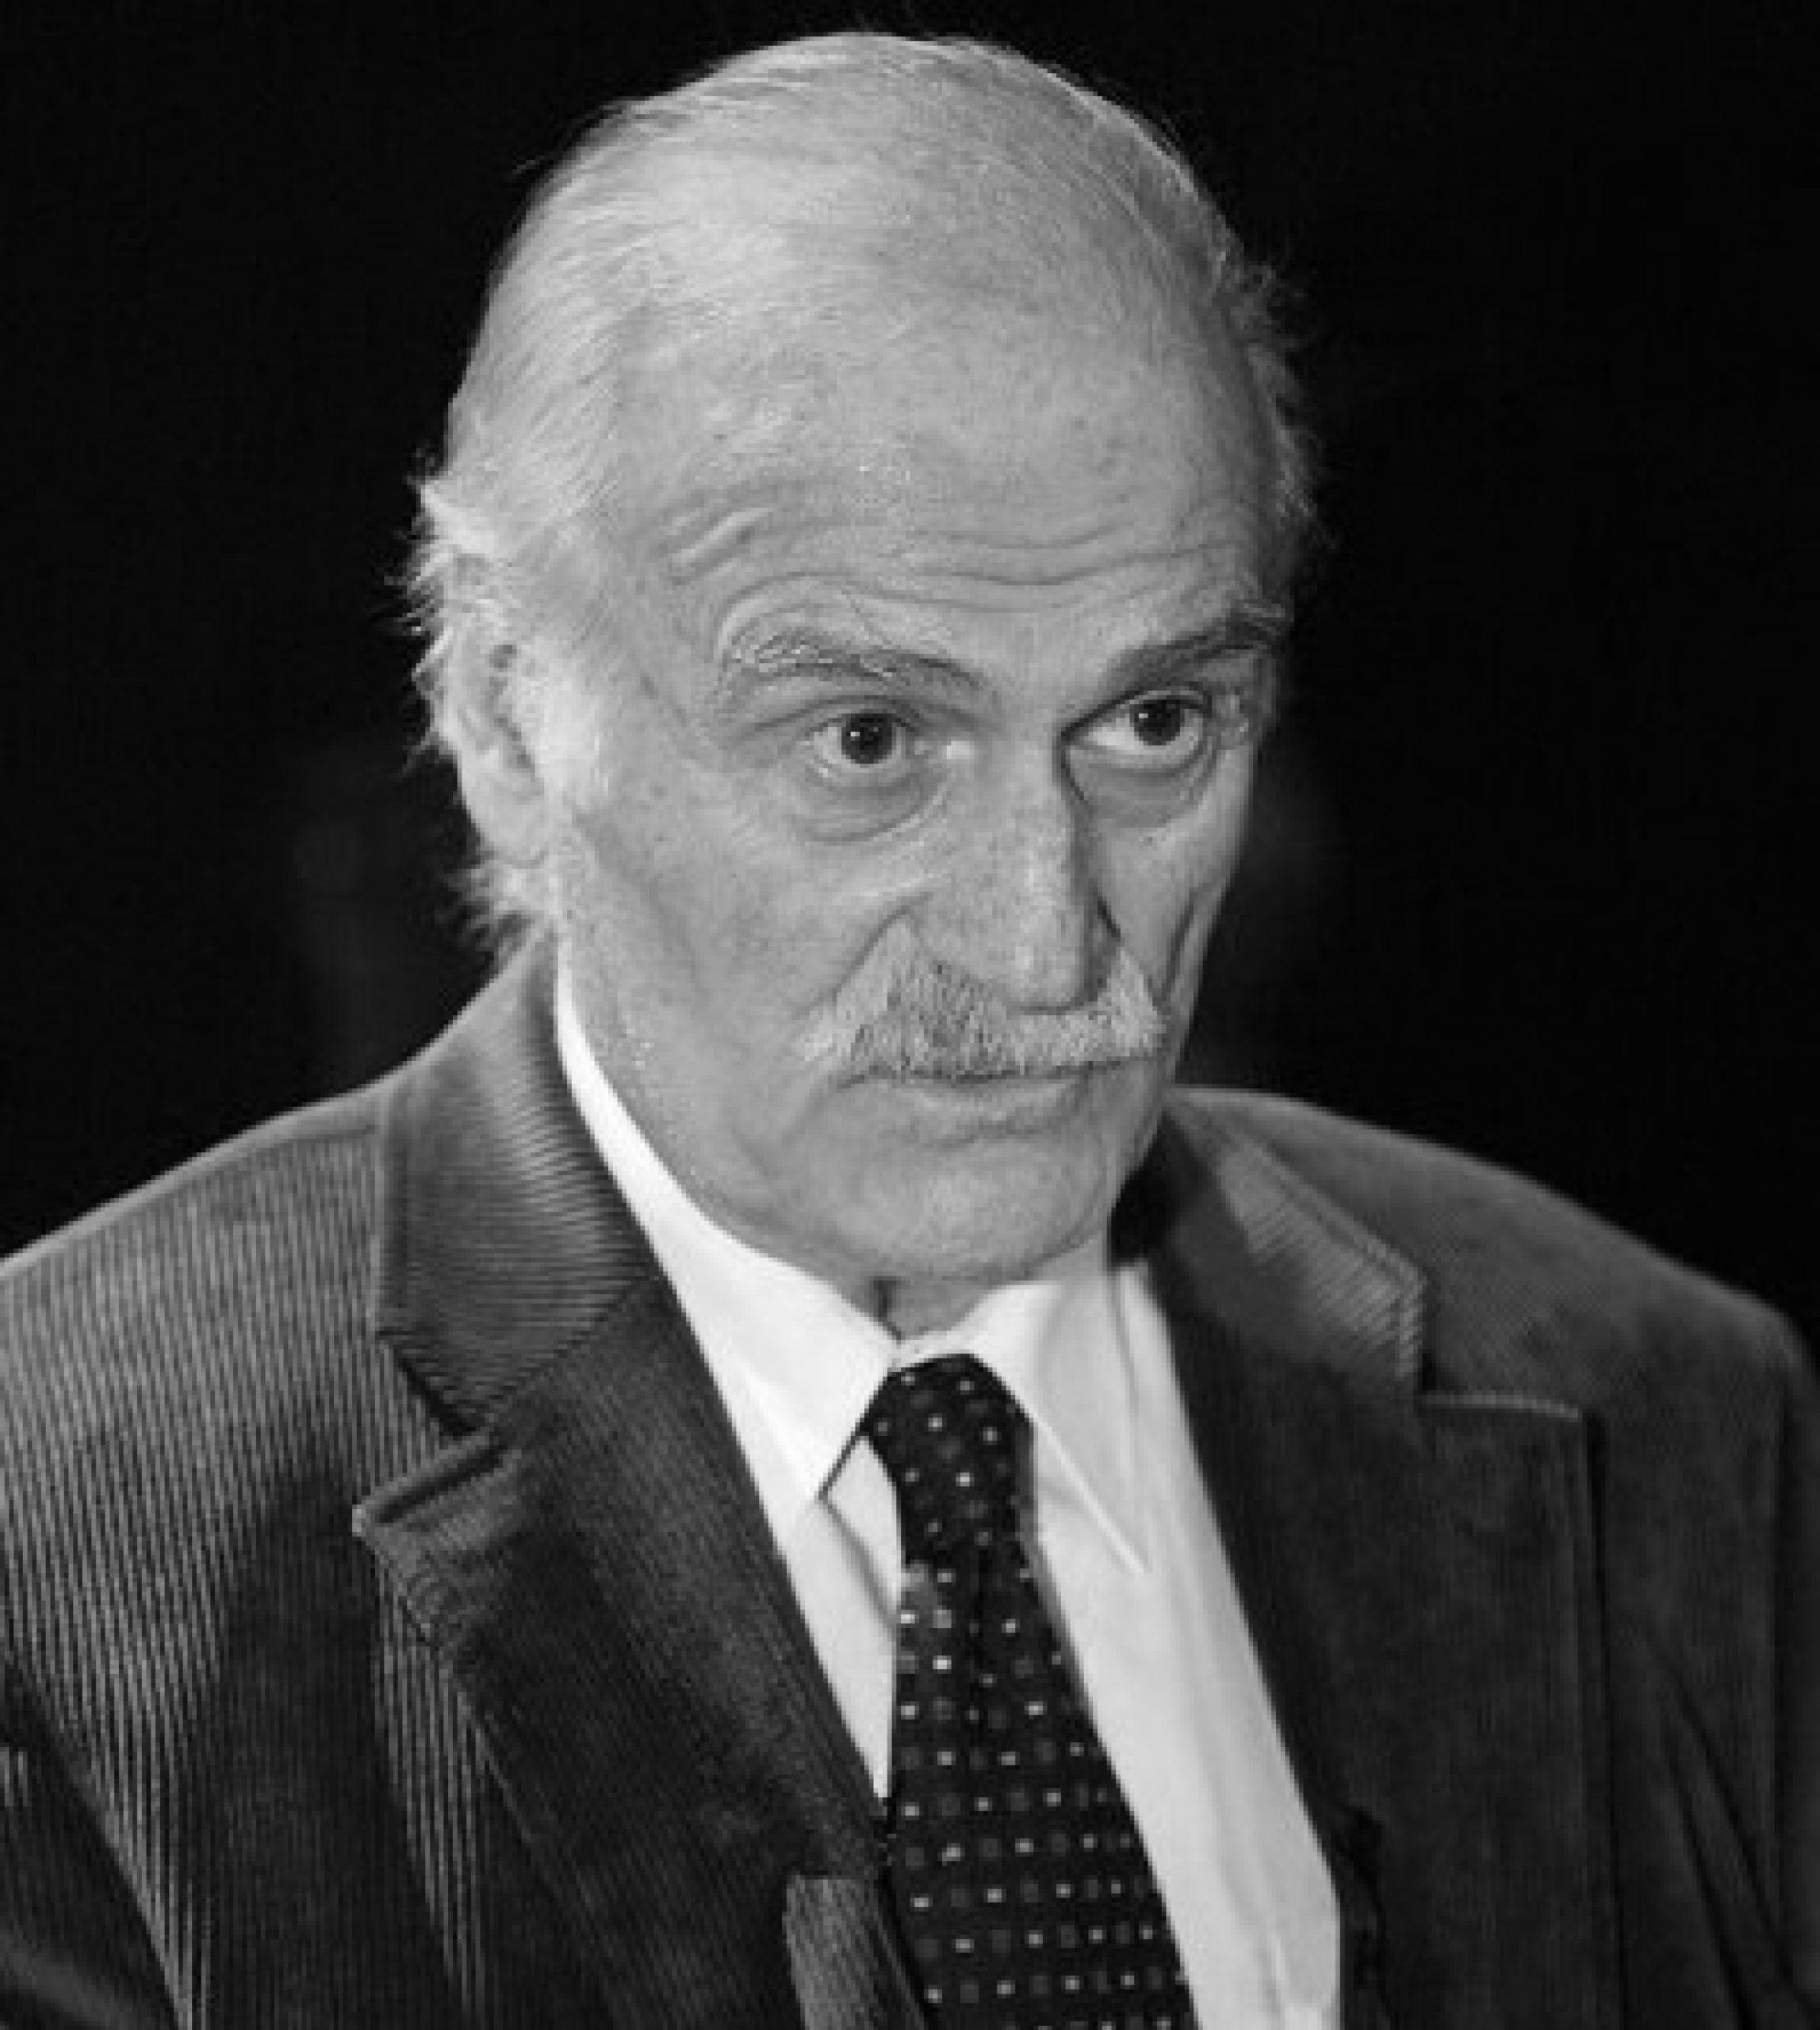 Kakhi Kavsadze